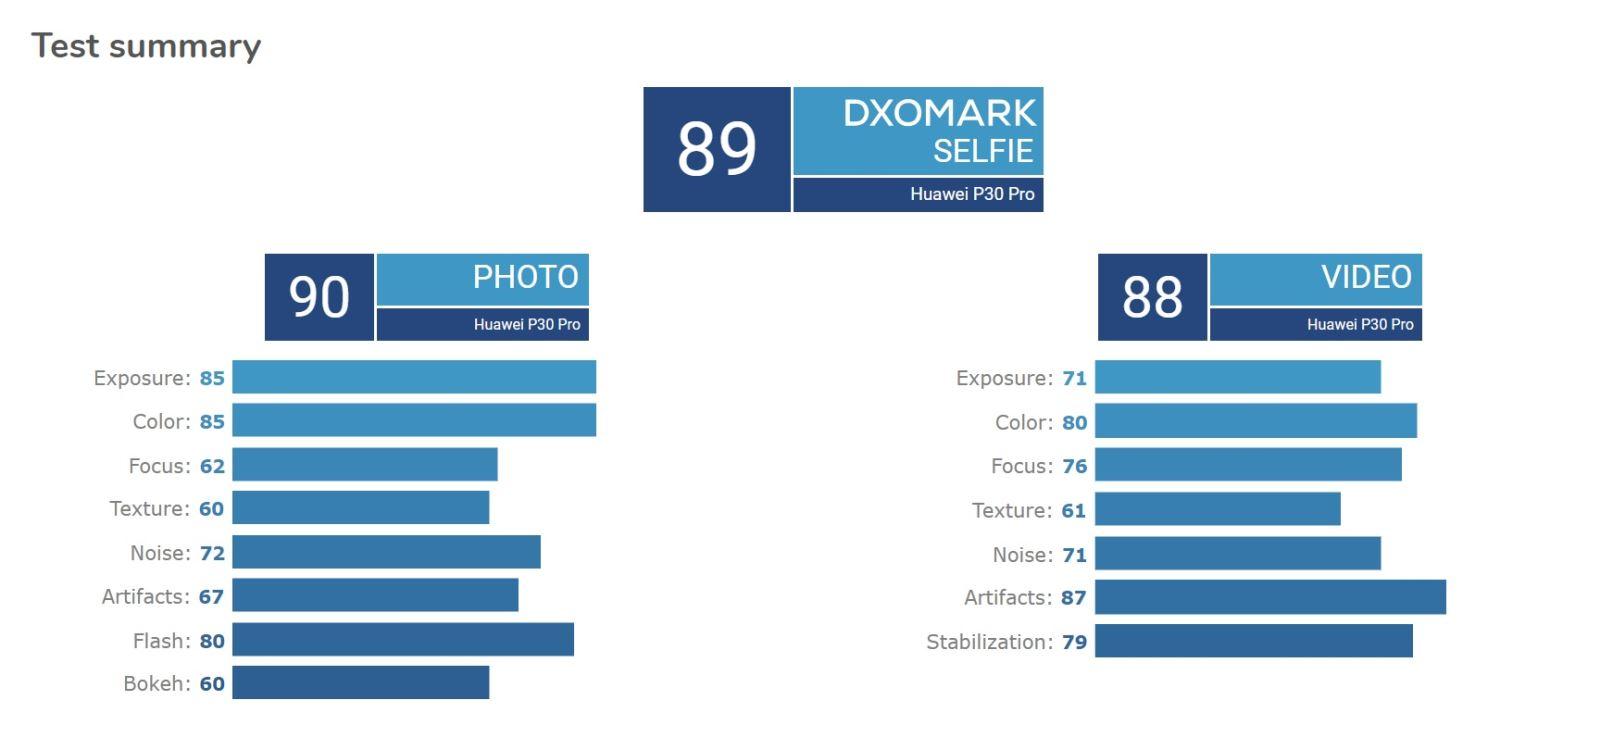 Camera selfie của Huawei P30 Pro được DxoMark đánh giá thế nào? - Hình 1